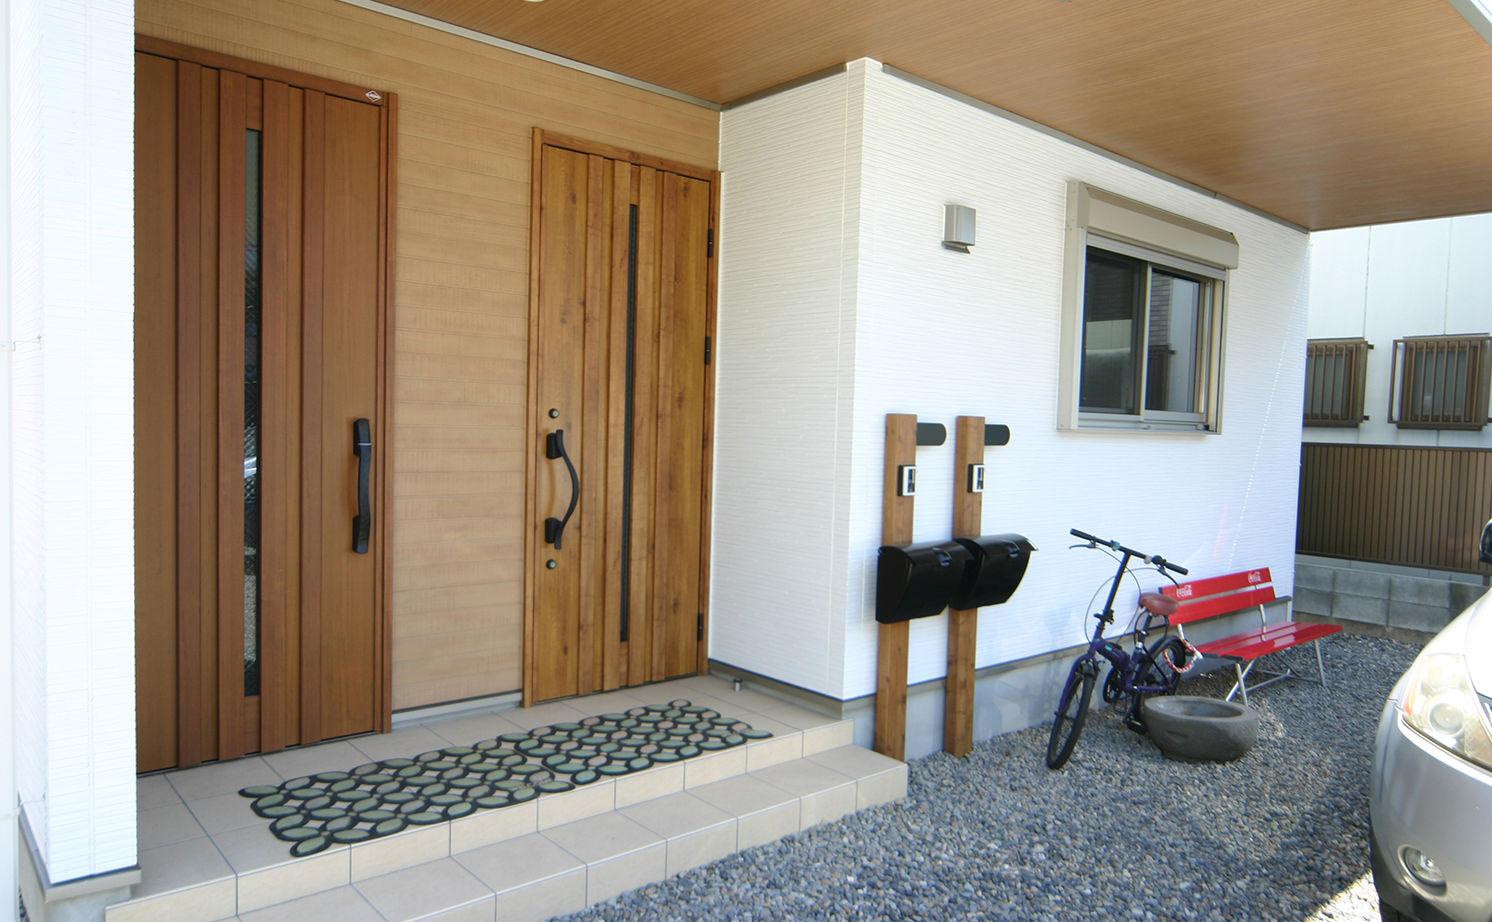 【30坪・完全分離型二世帯】ロフトや吹き抜けを活かして、限られた空間でも快適な完全分離の二世帯住宅に画像2